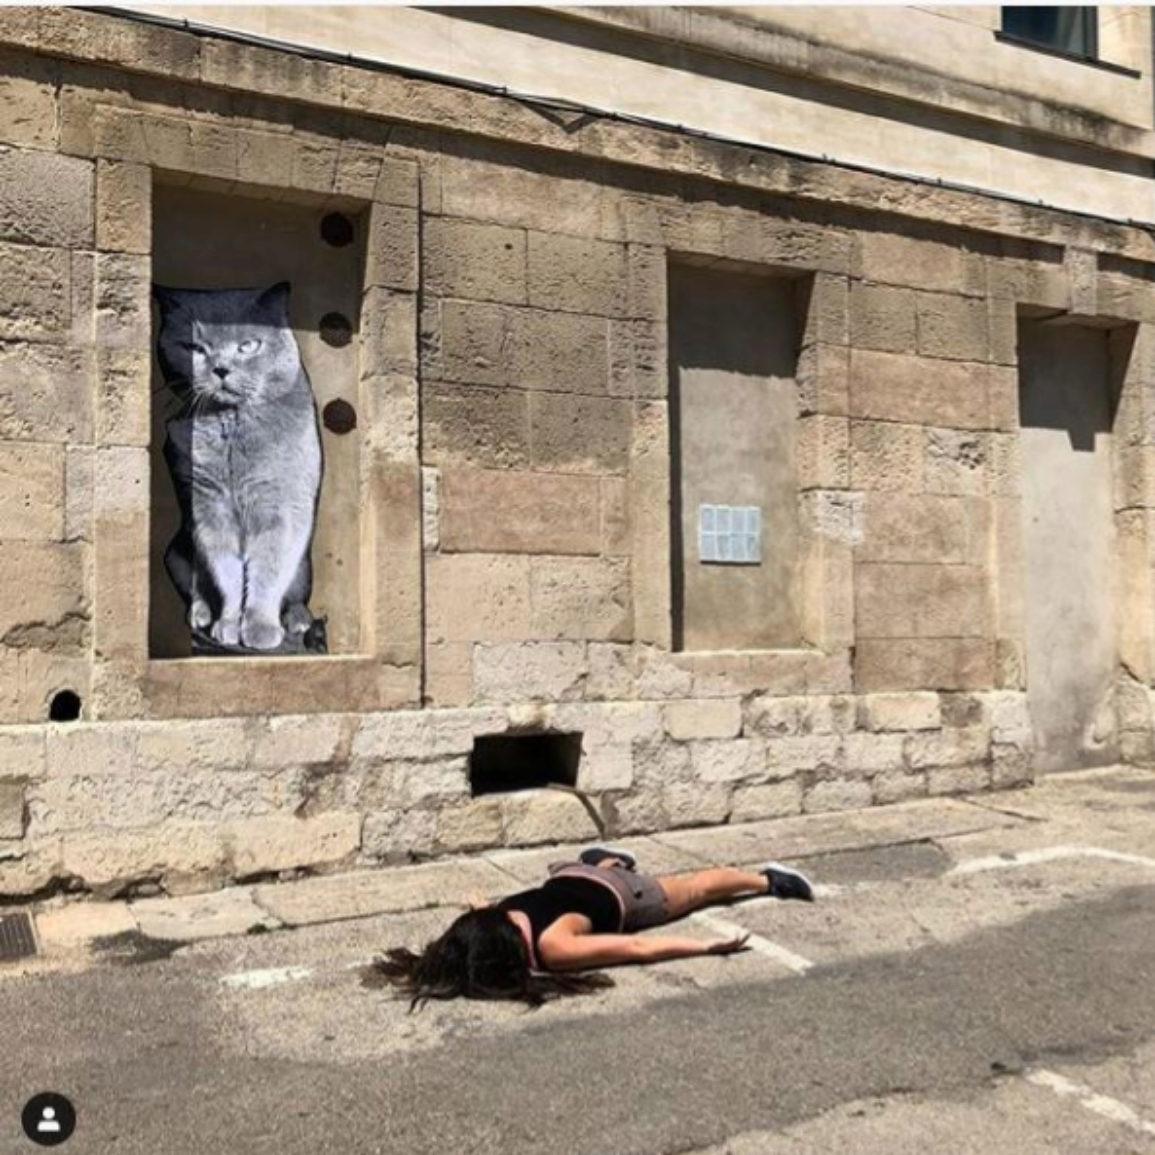 'Stef muere bajo un gato grande'. Arles, Francia.